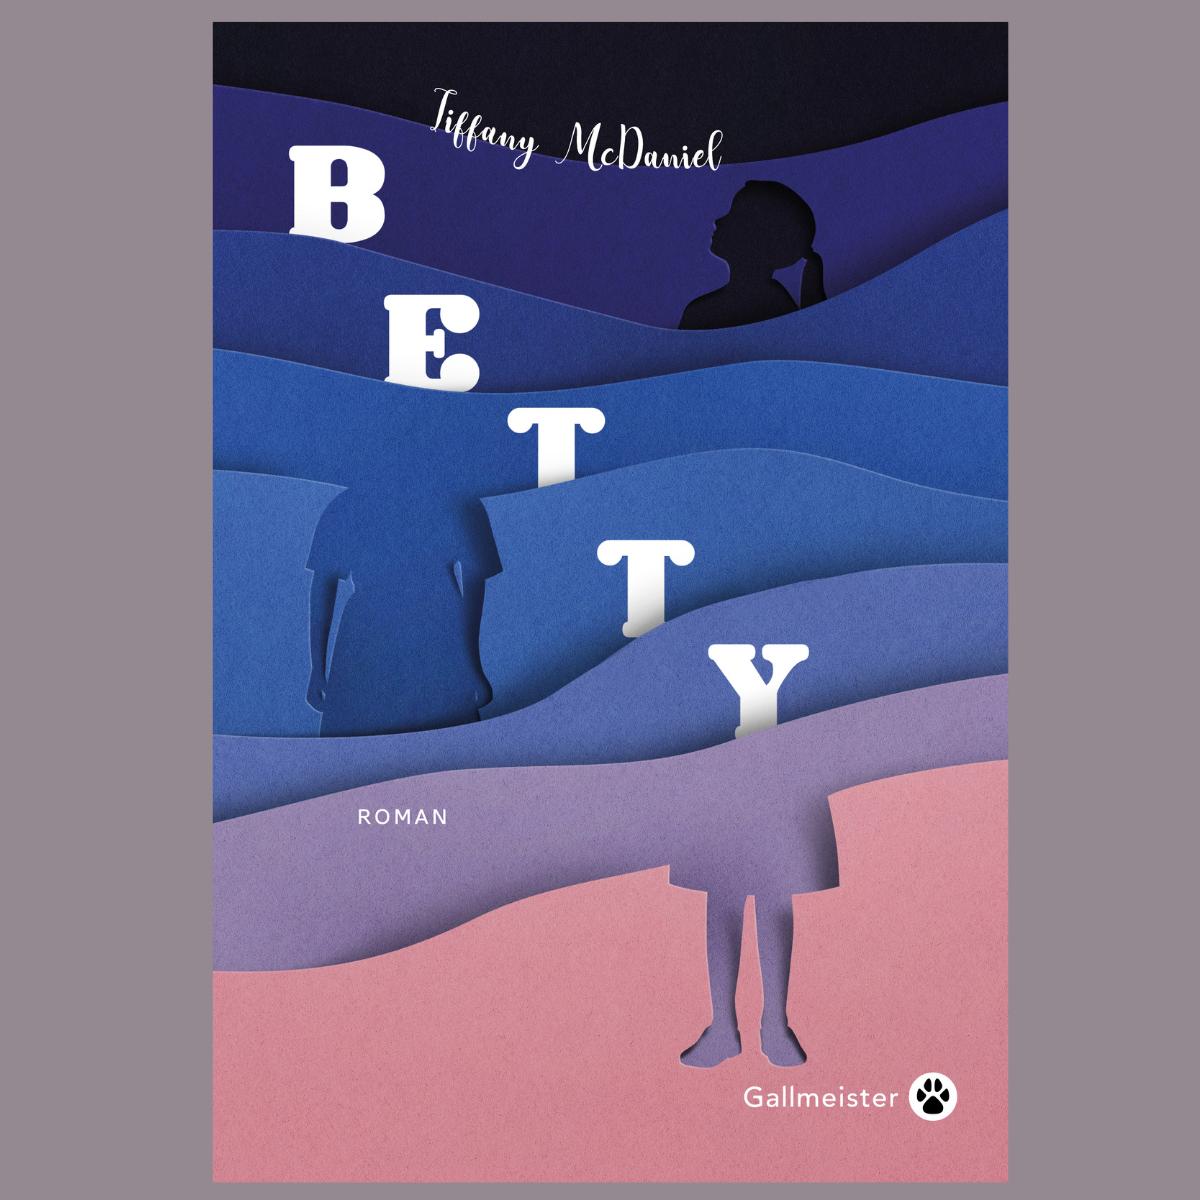 Betty - Tiffany McDaniel (Gallmeister)